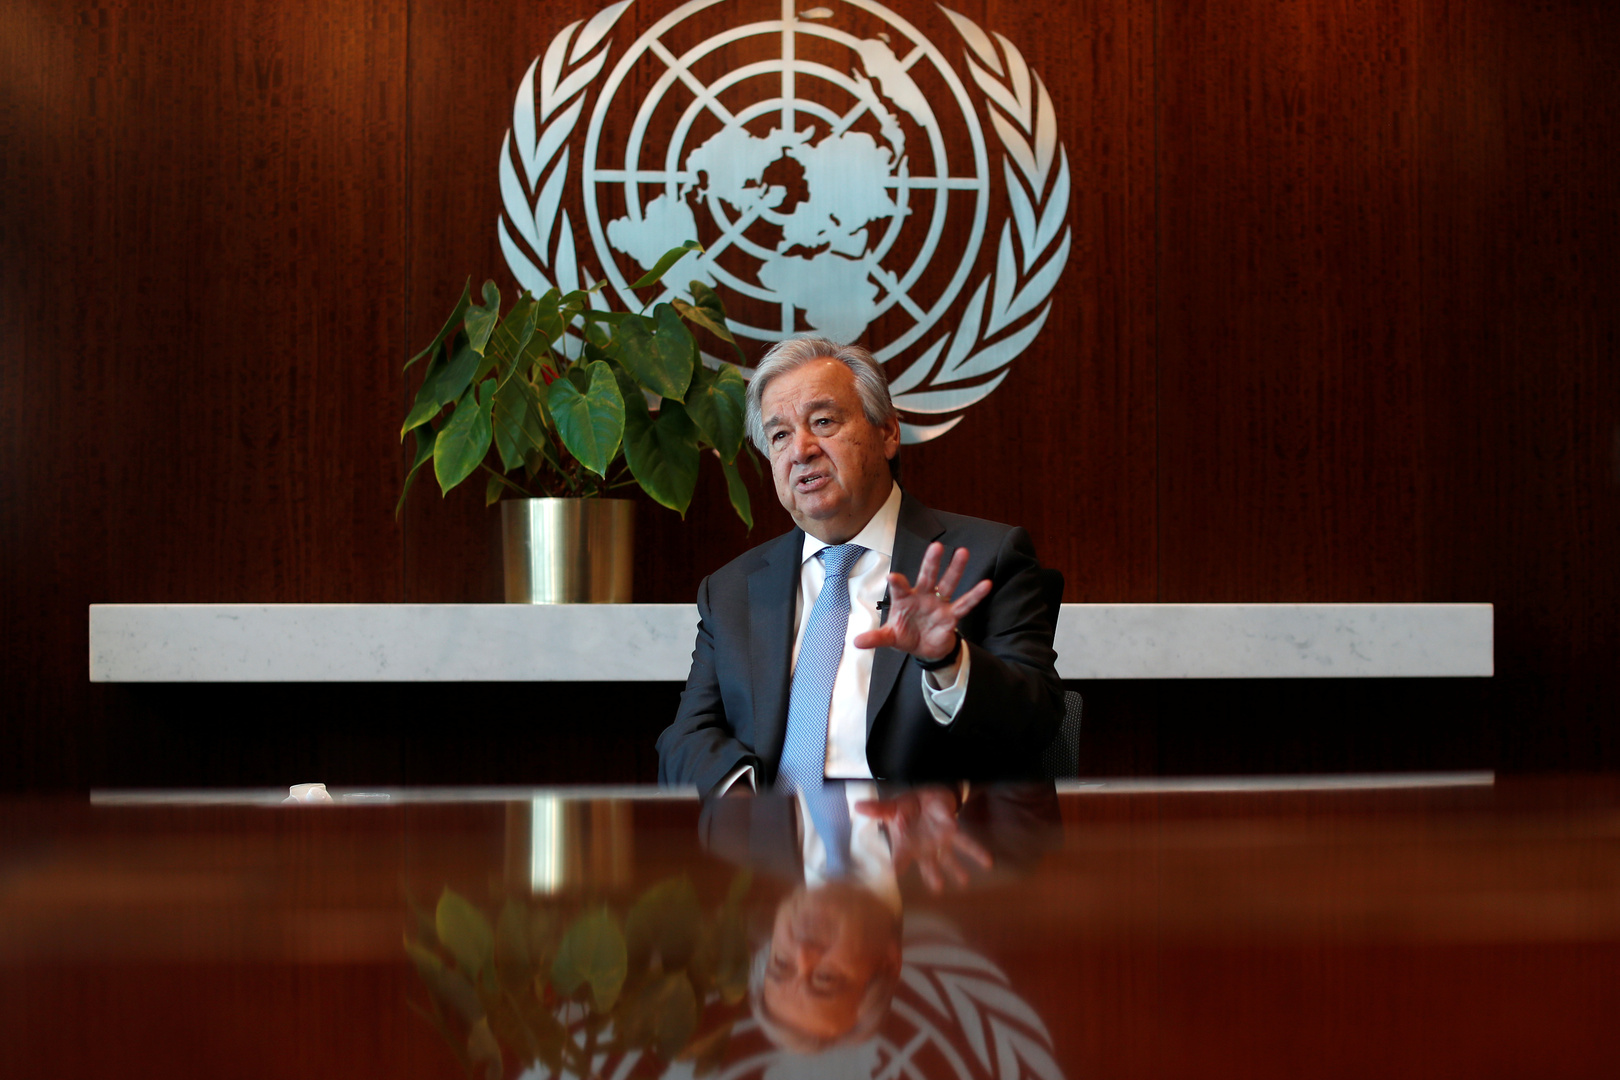 الأمين العام للأمم المتحدة أنطونيو غوتييريش